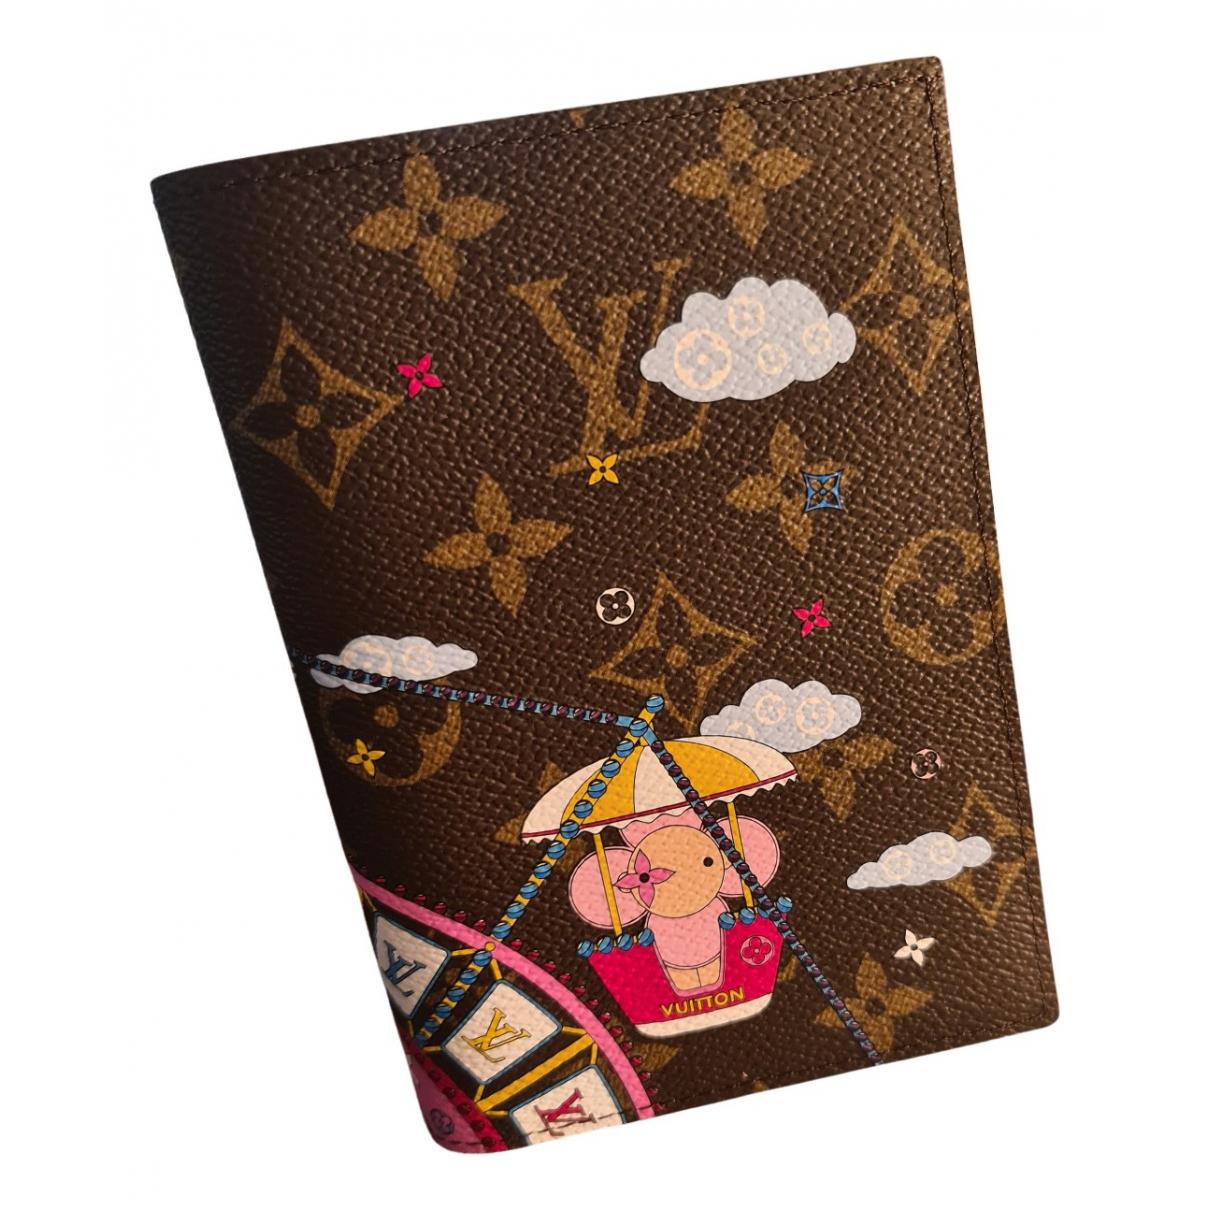 Louis Vuitton Passport cover Kleinlederwaren in Leinen